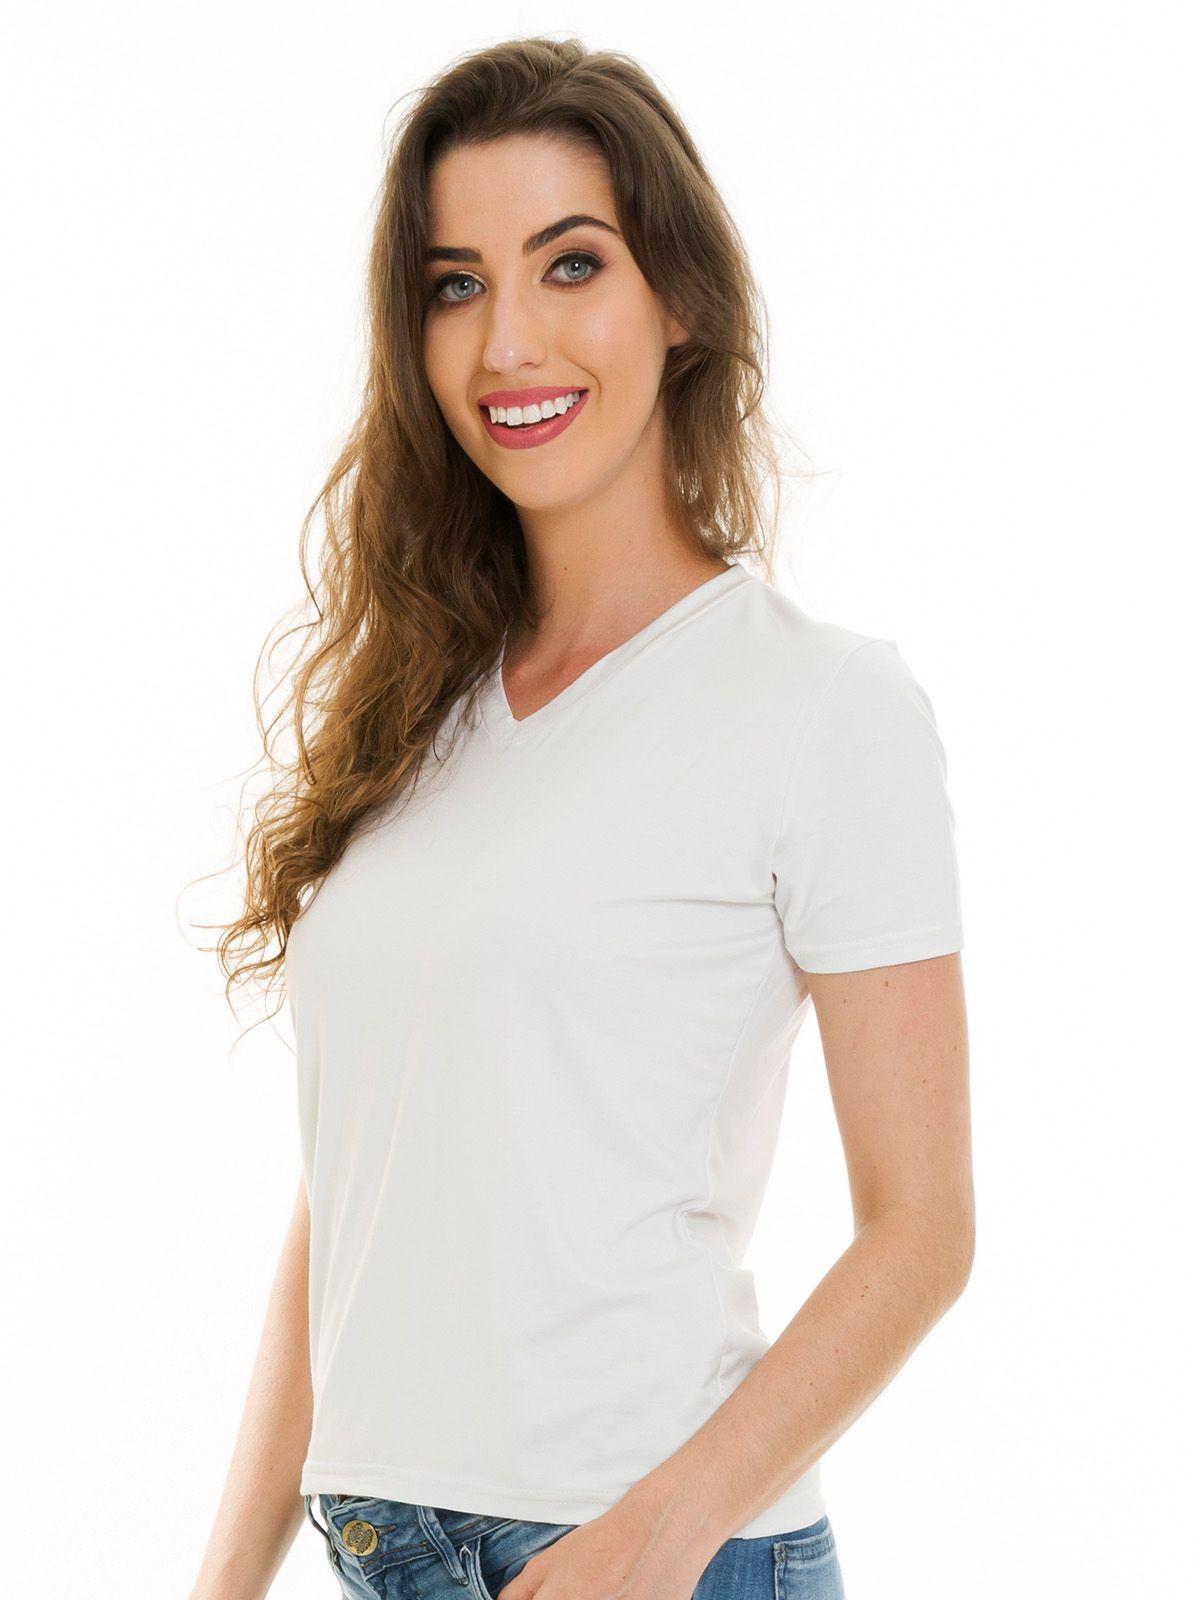 Blusa Básica Decote V Branca